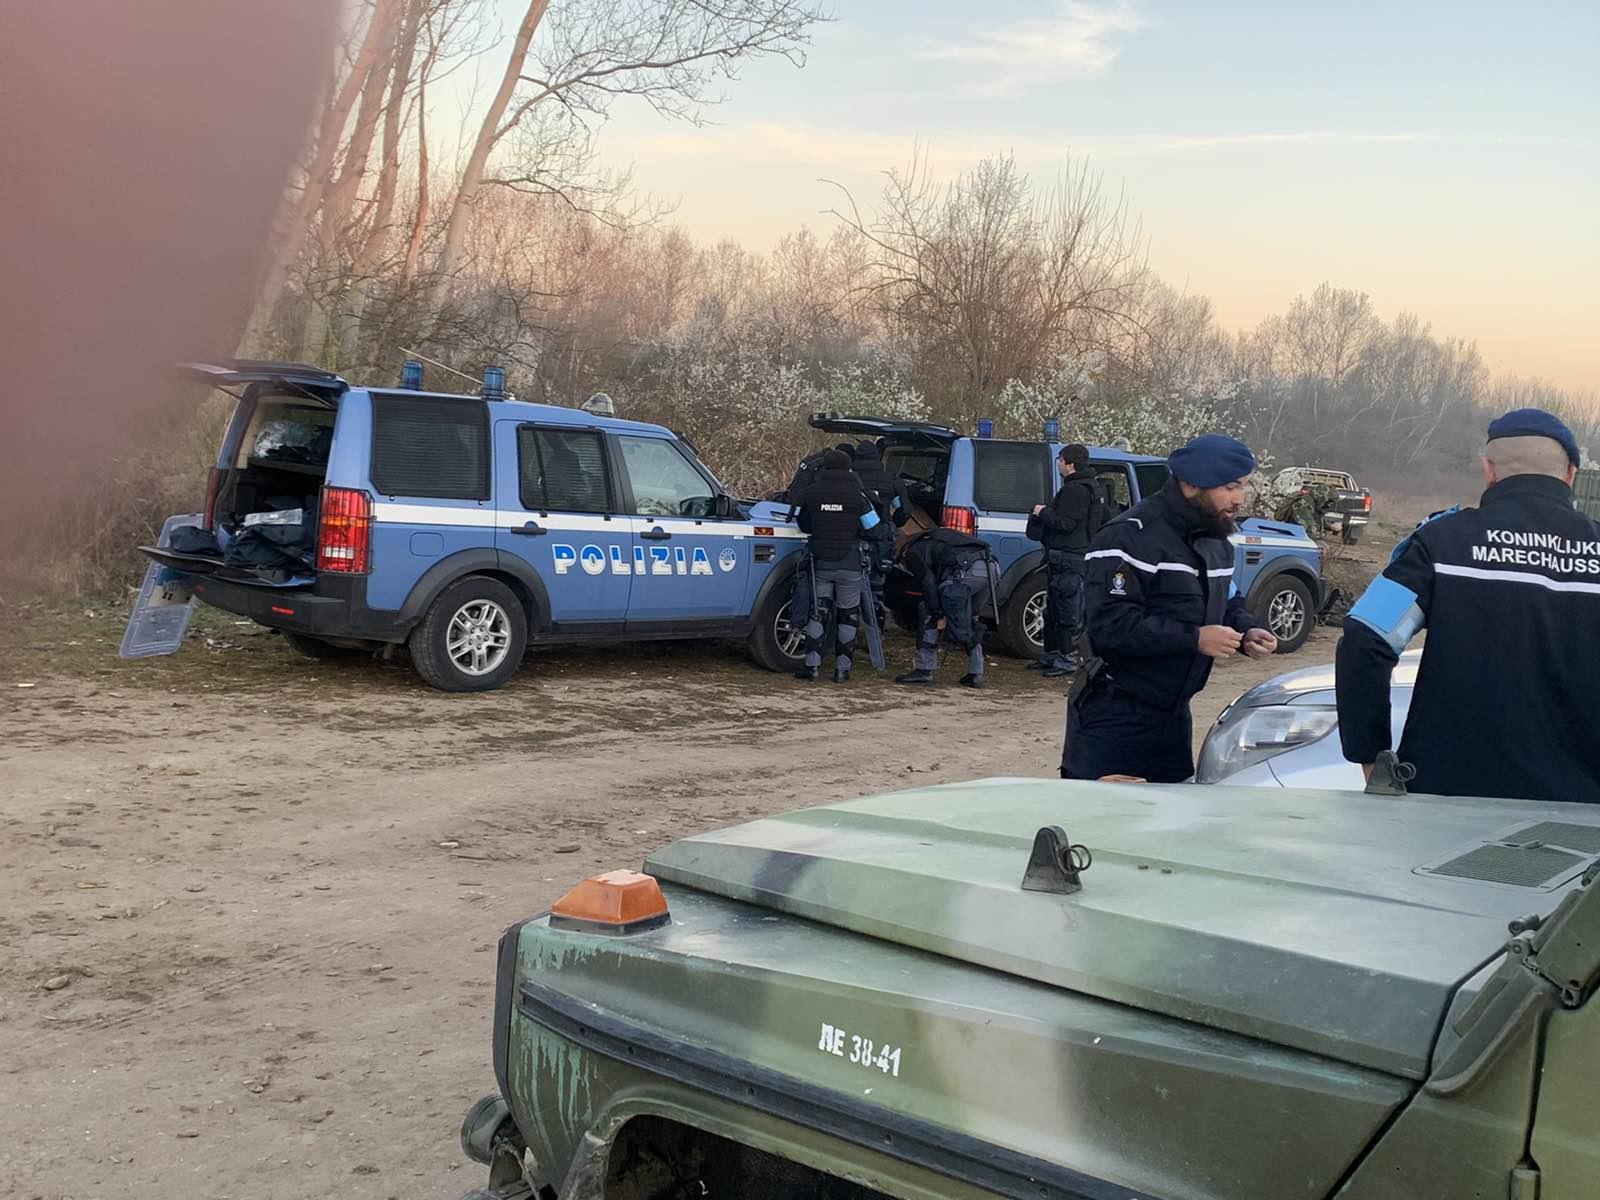 Από τα Χαράματα άρχισαν να αναπτύσσονται και  οι Δυνάμεις της Frontex στις Καστανιές 2